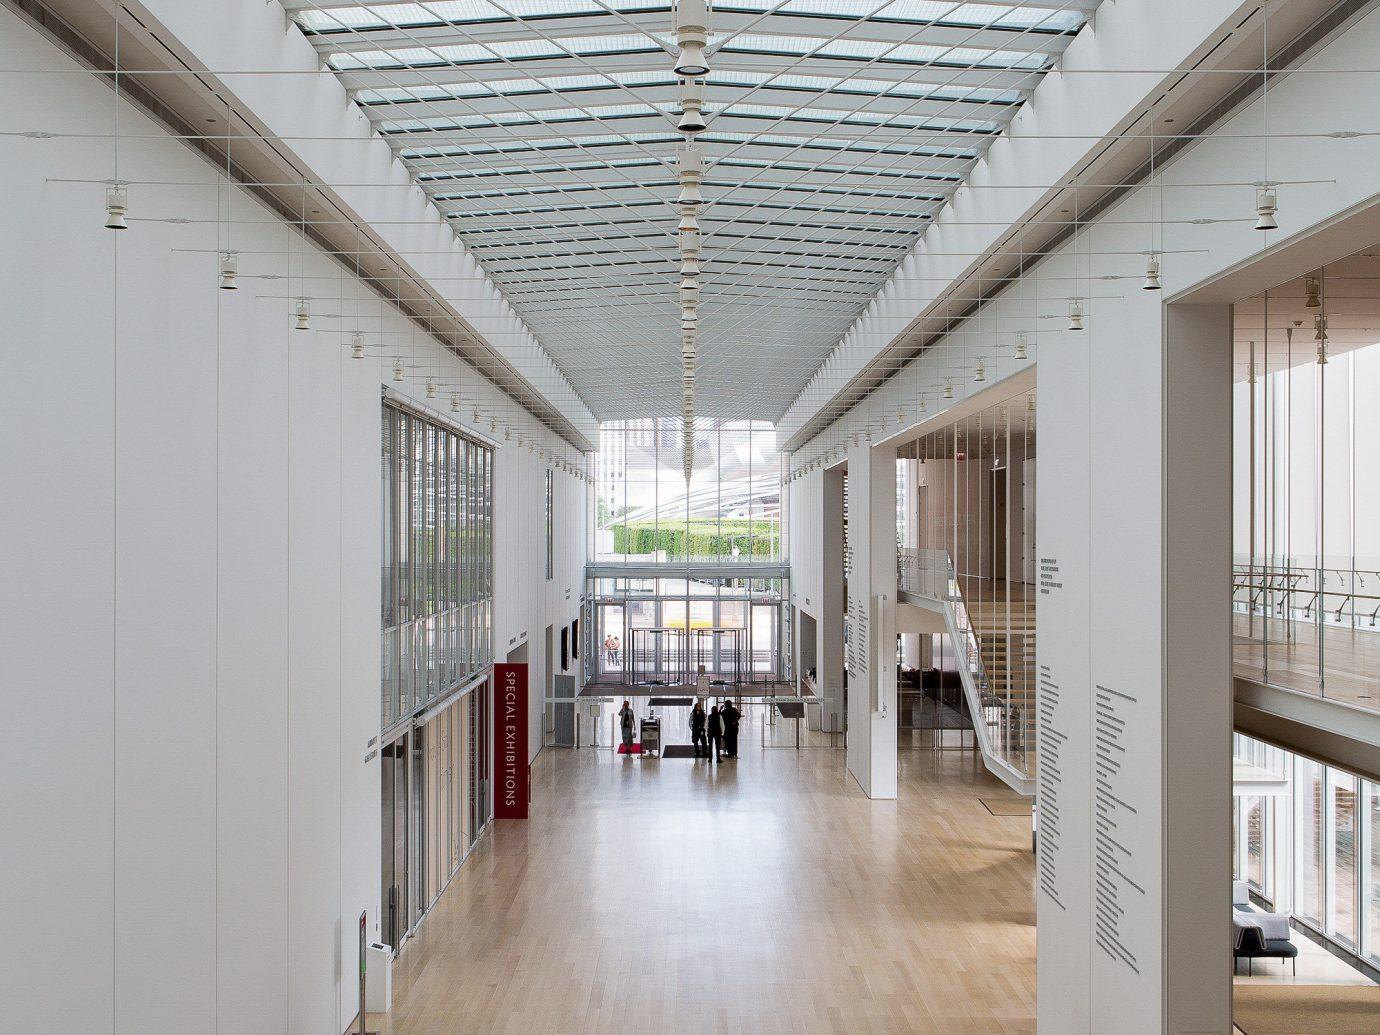 Trip Ideas Weekend Getaways indoor building floor ceiling structure daylighting tourist attraction interior design loft flooring roof